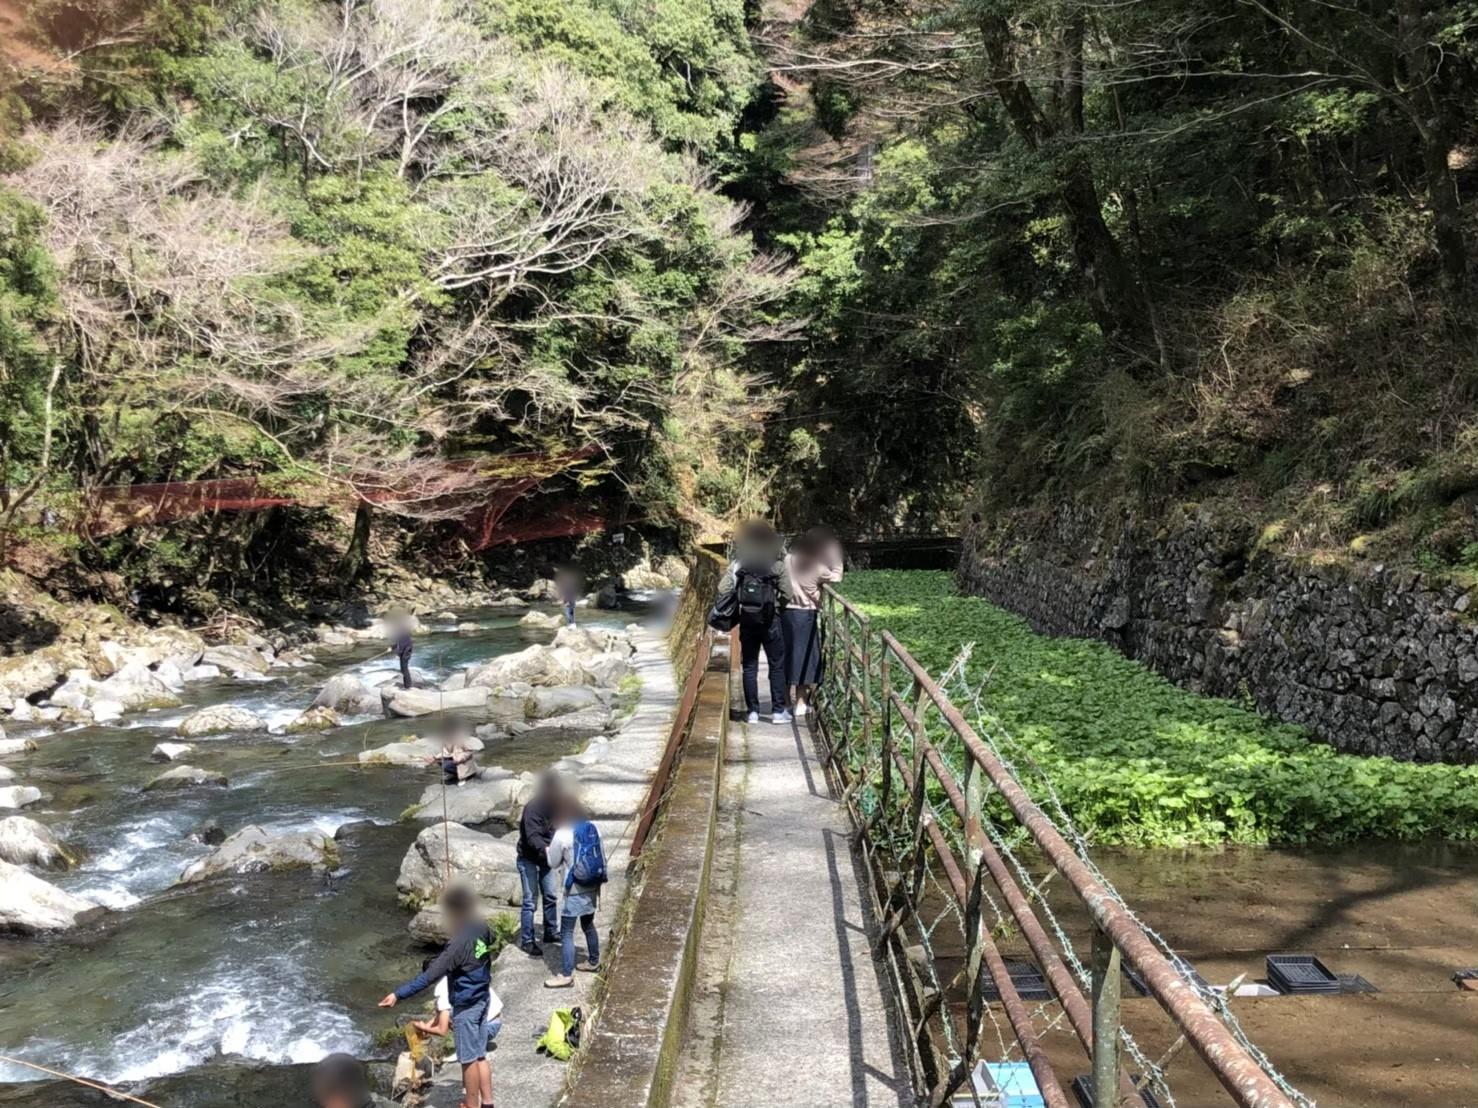 浄蓮の滝 隠れ道